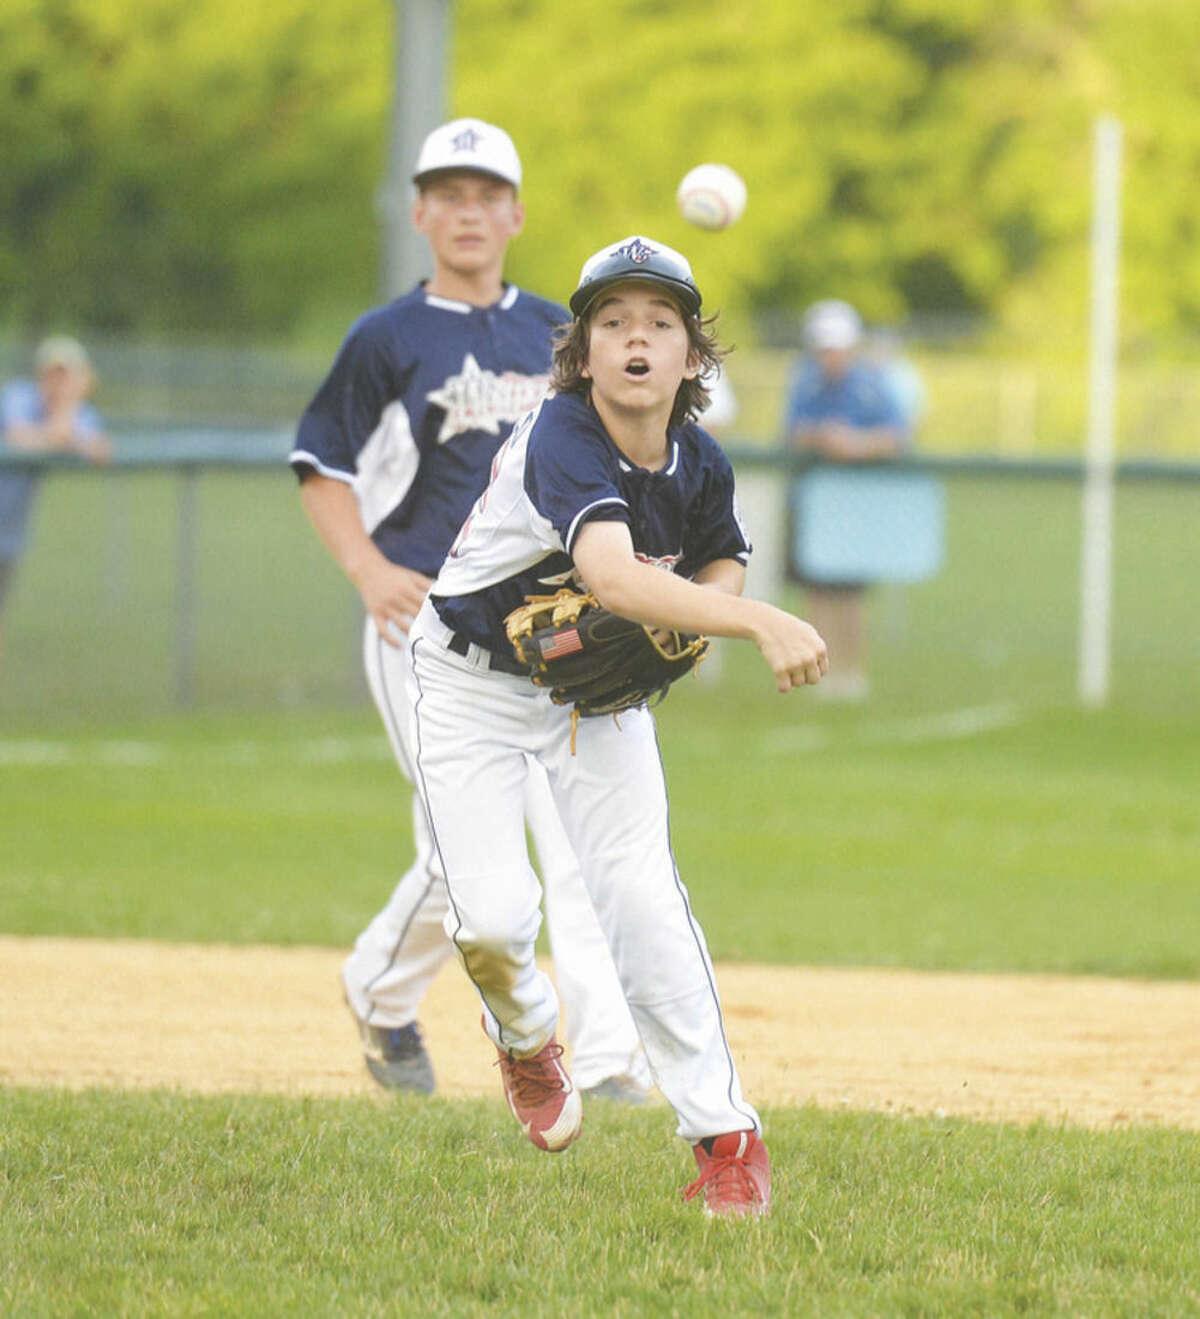 Hour photo/Alex von Kleydorff Westport's Josh DeDomenico throws to first base against Trumbull National on Wednesday.